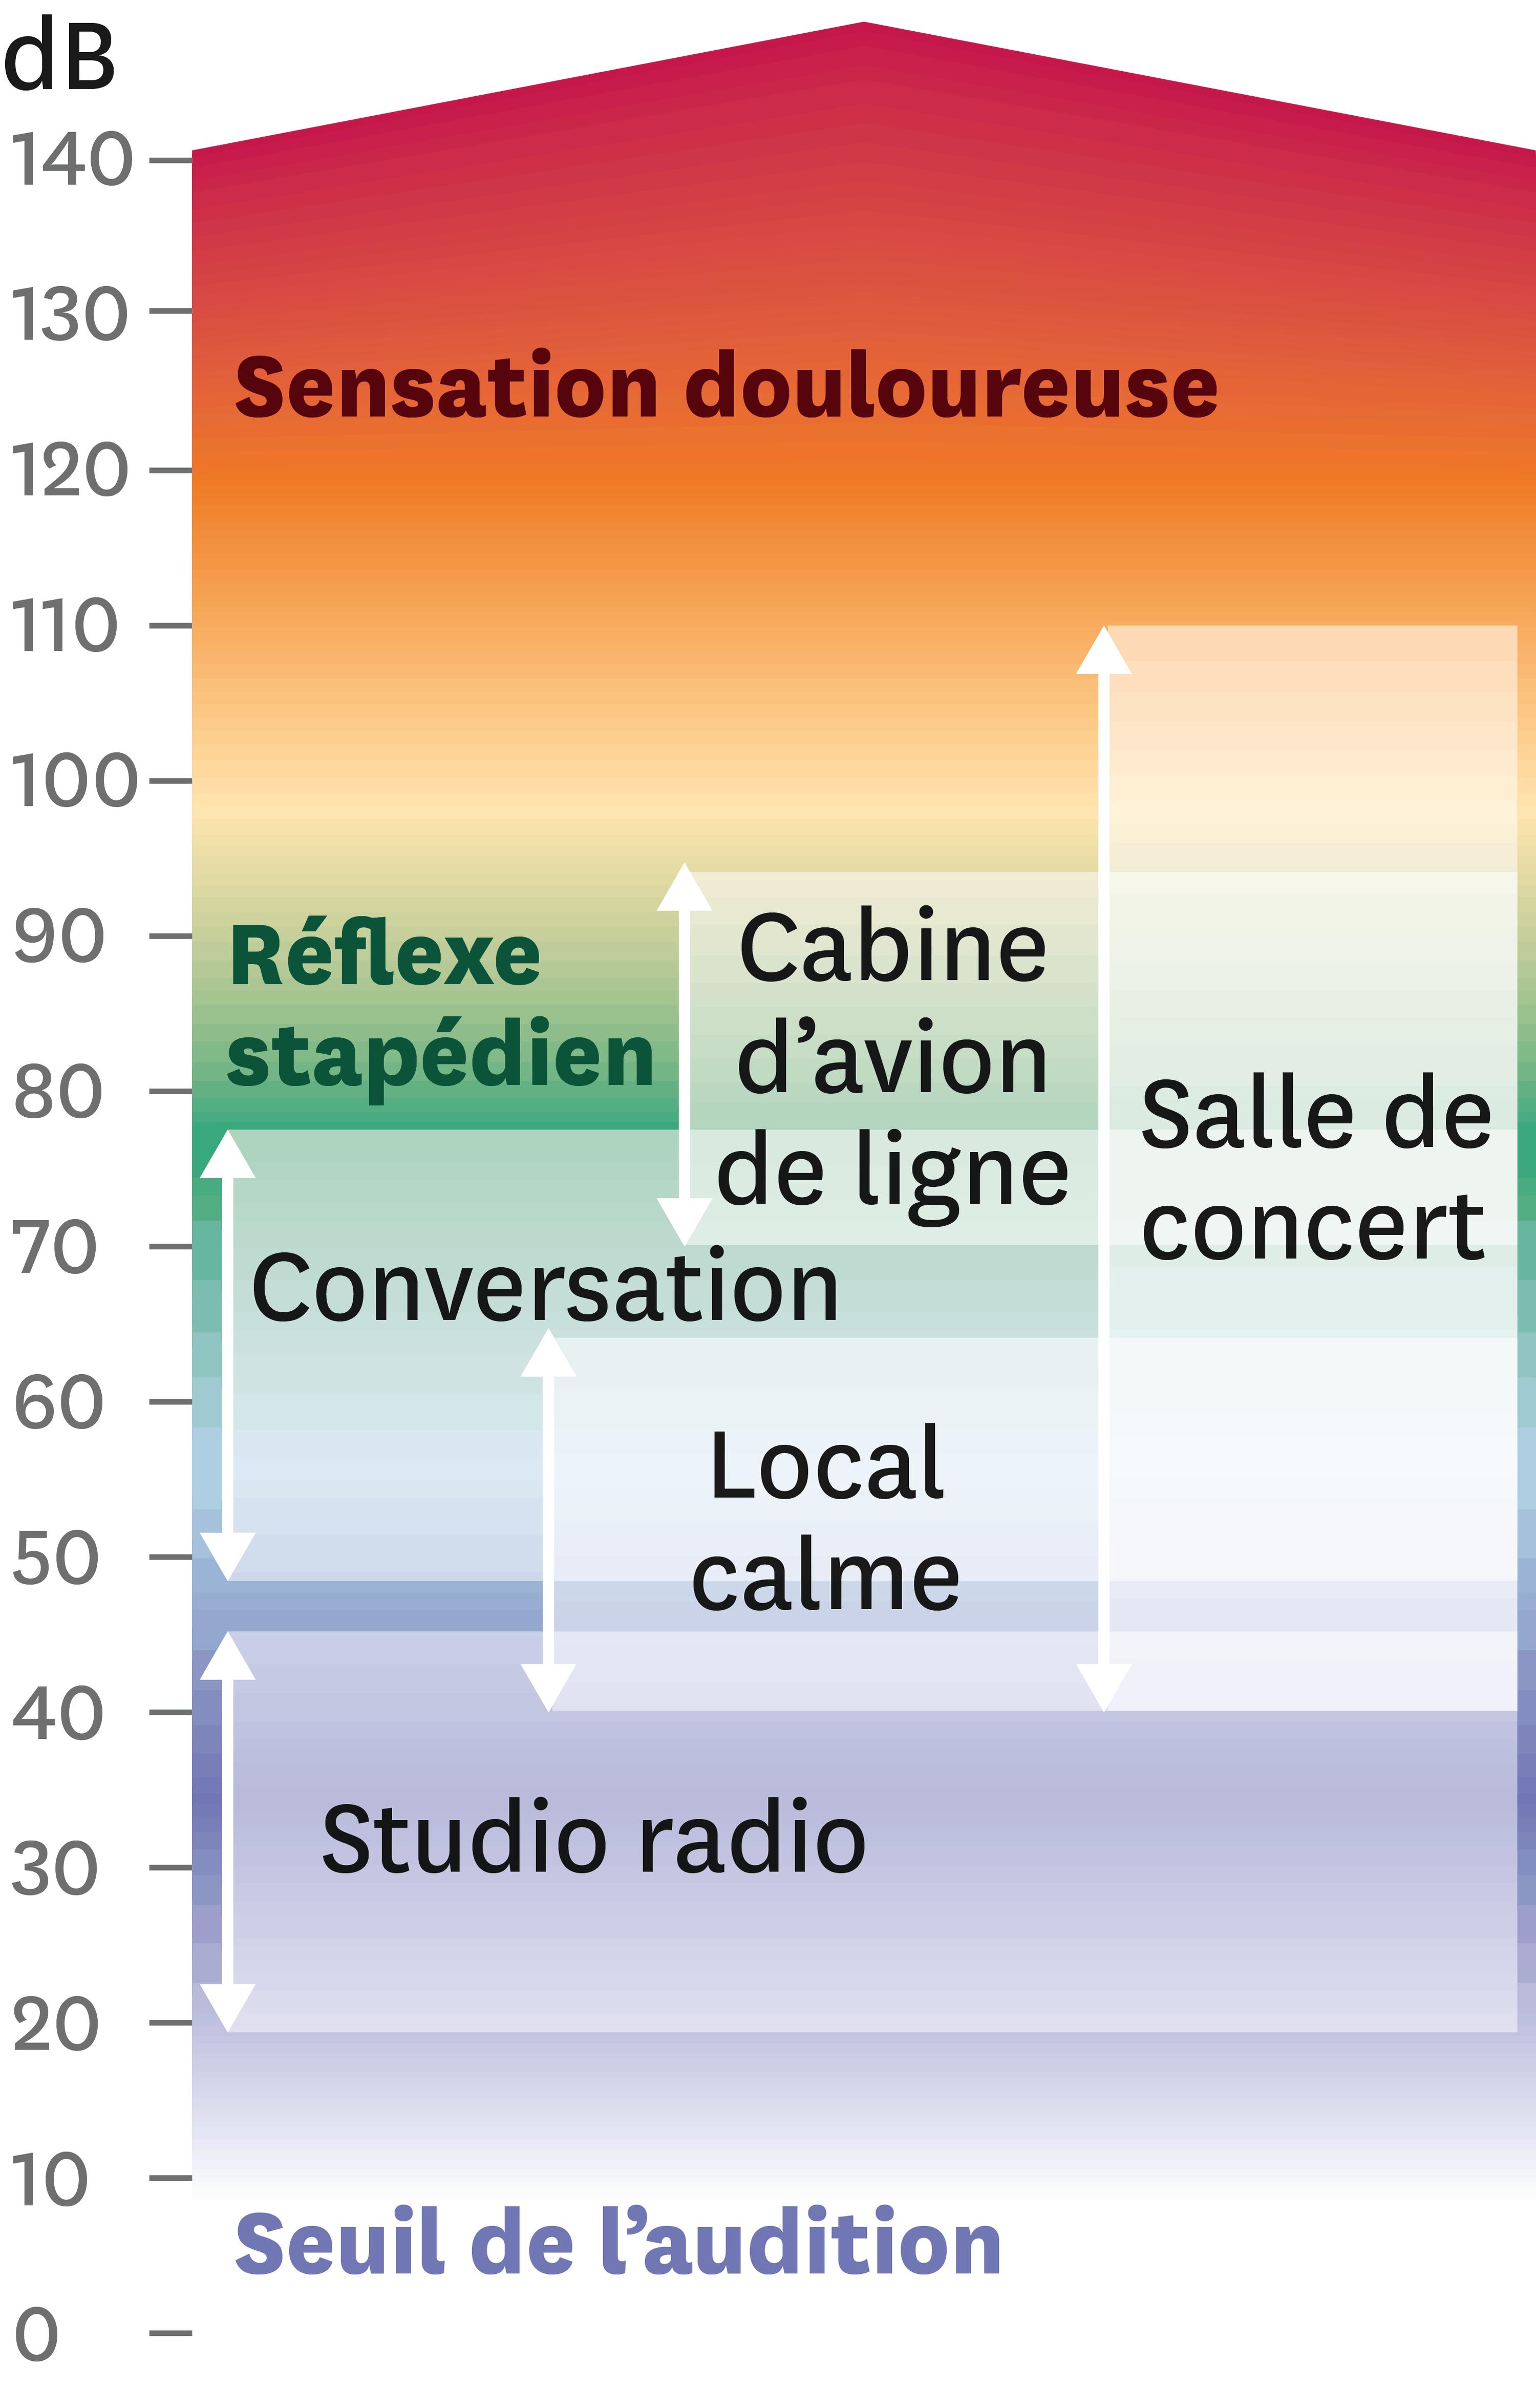 <stamp theme='pc-green1'>Doc. 1</stamp> Échelle des niveaux sonores en dB.